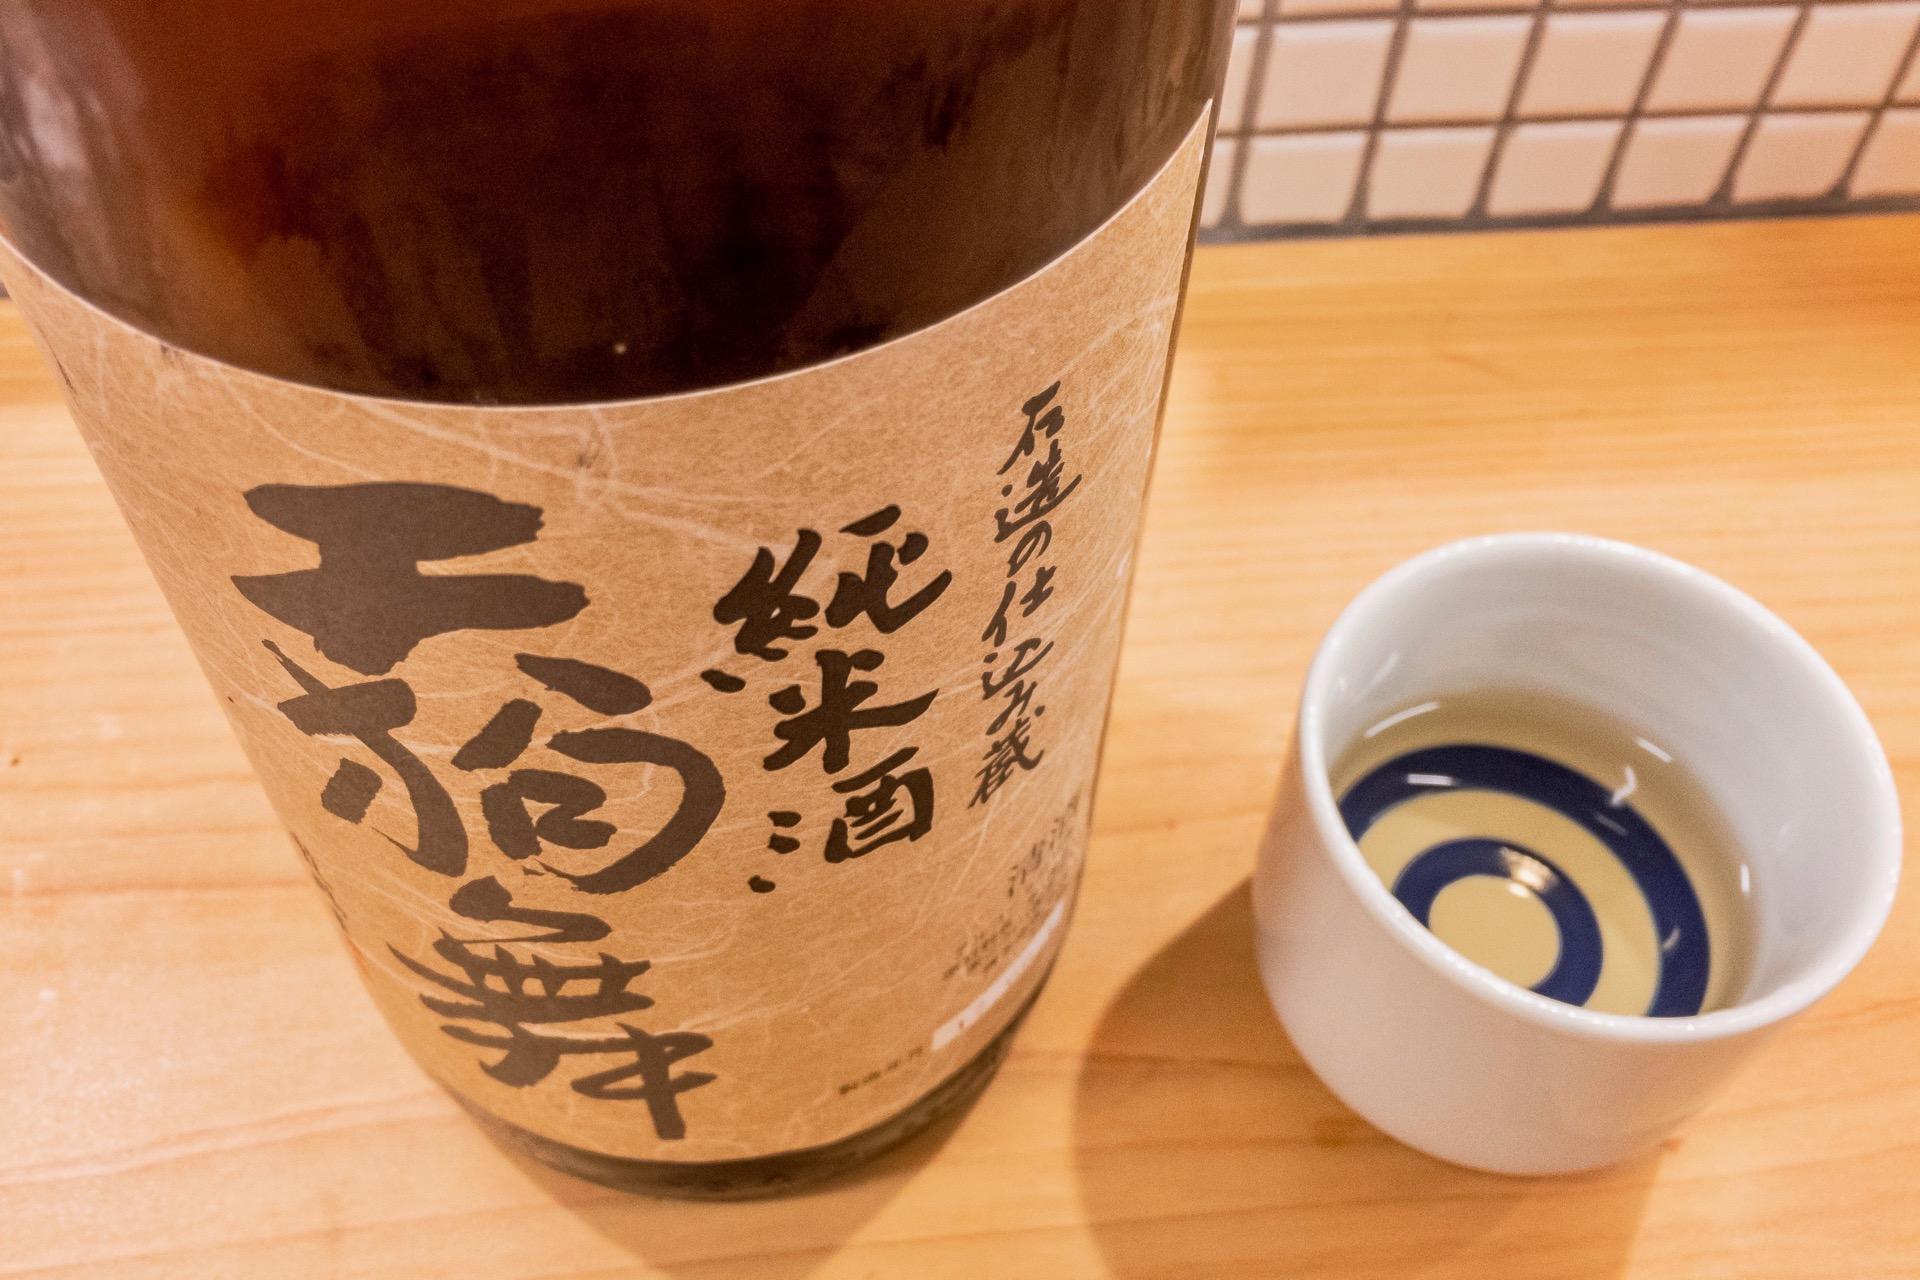 天狗舞 山廃仕込純米酒|日本酒テイスティングノート